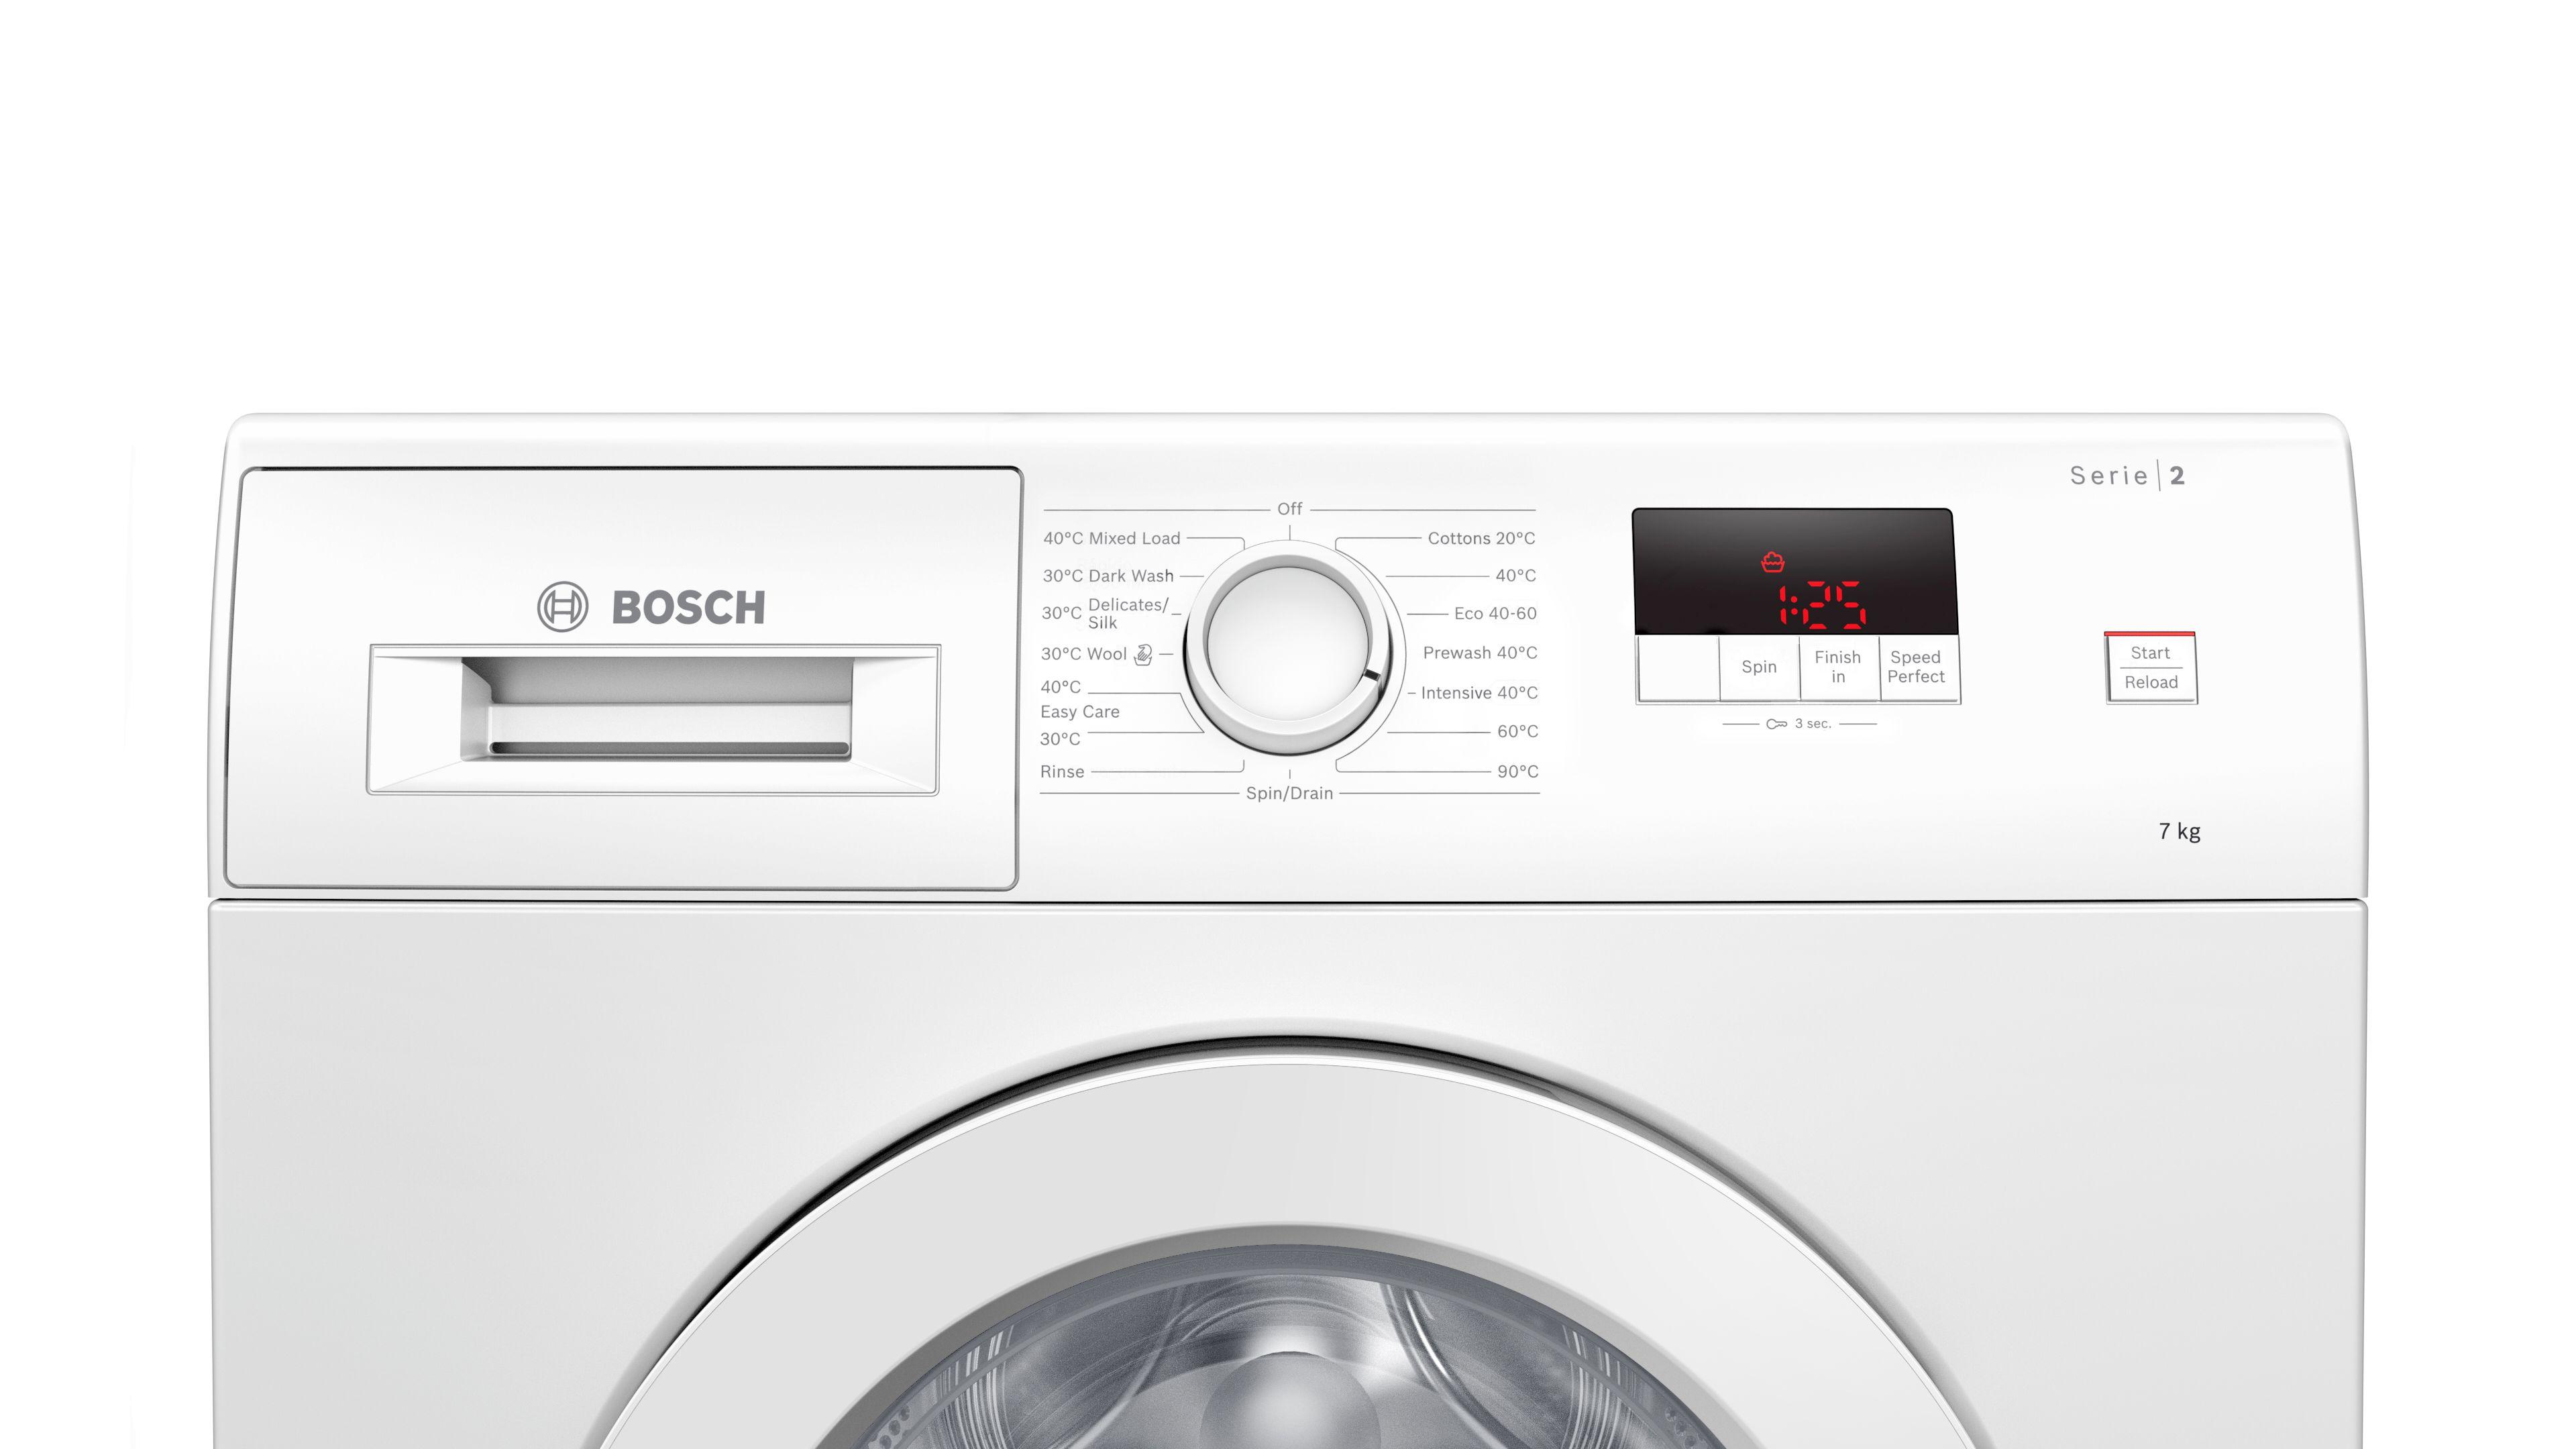 Adam Wants To Buy A Washing Machine